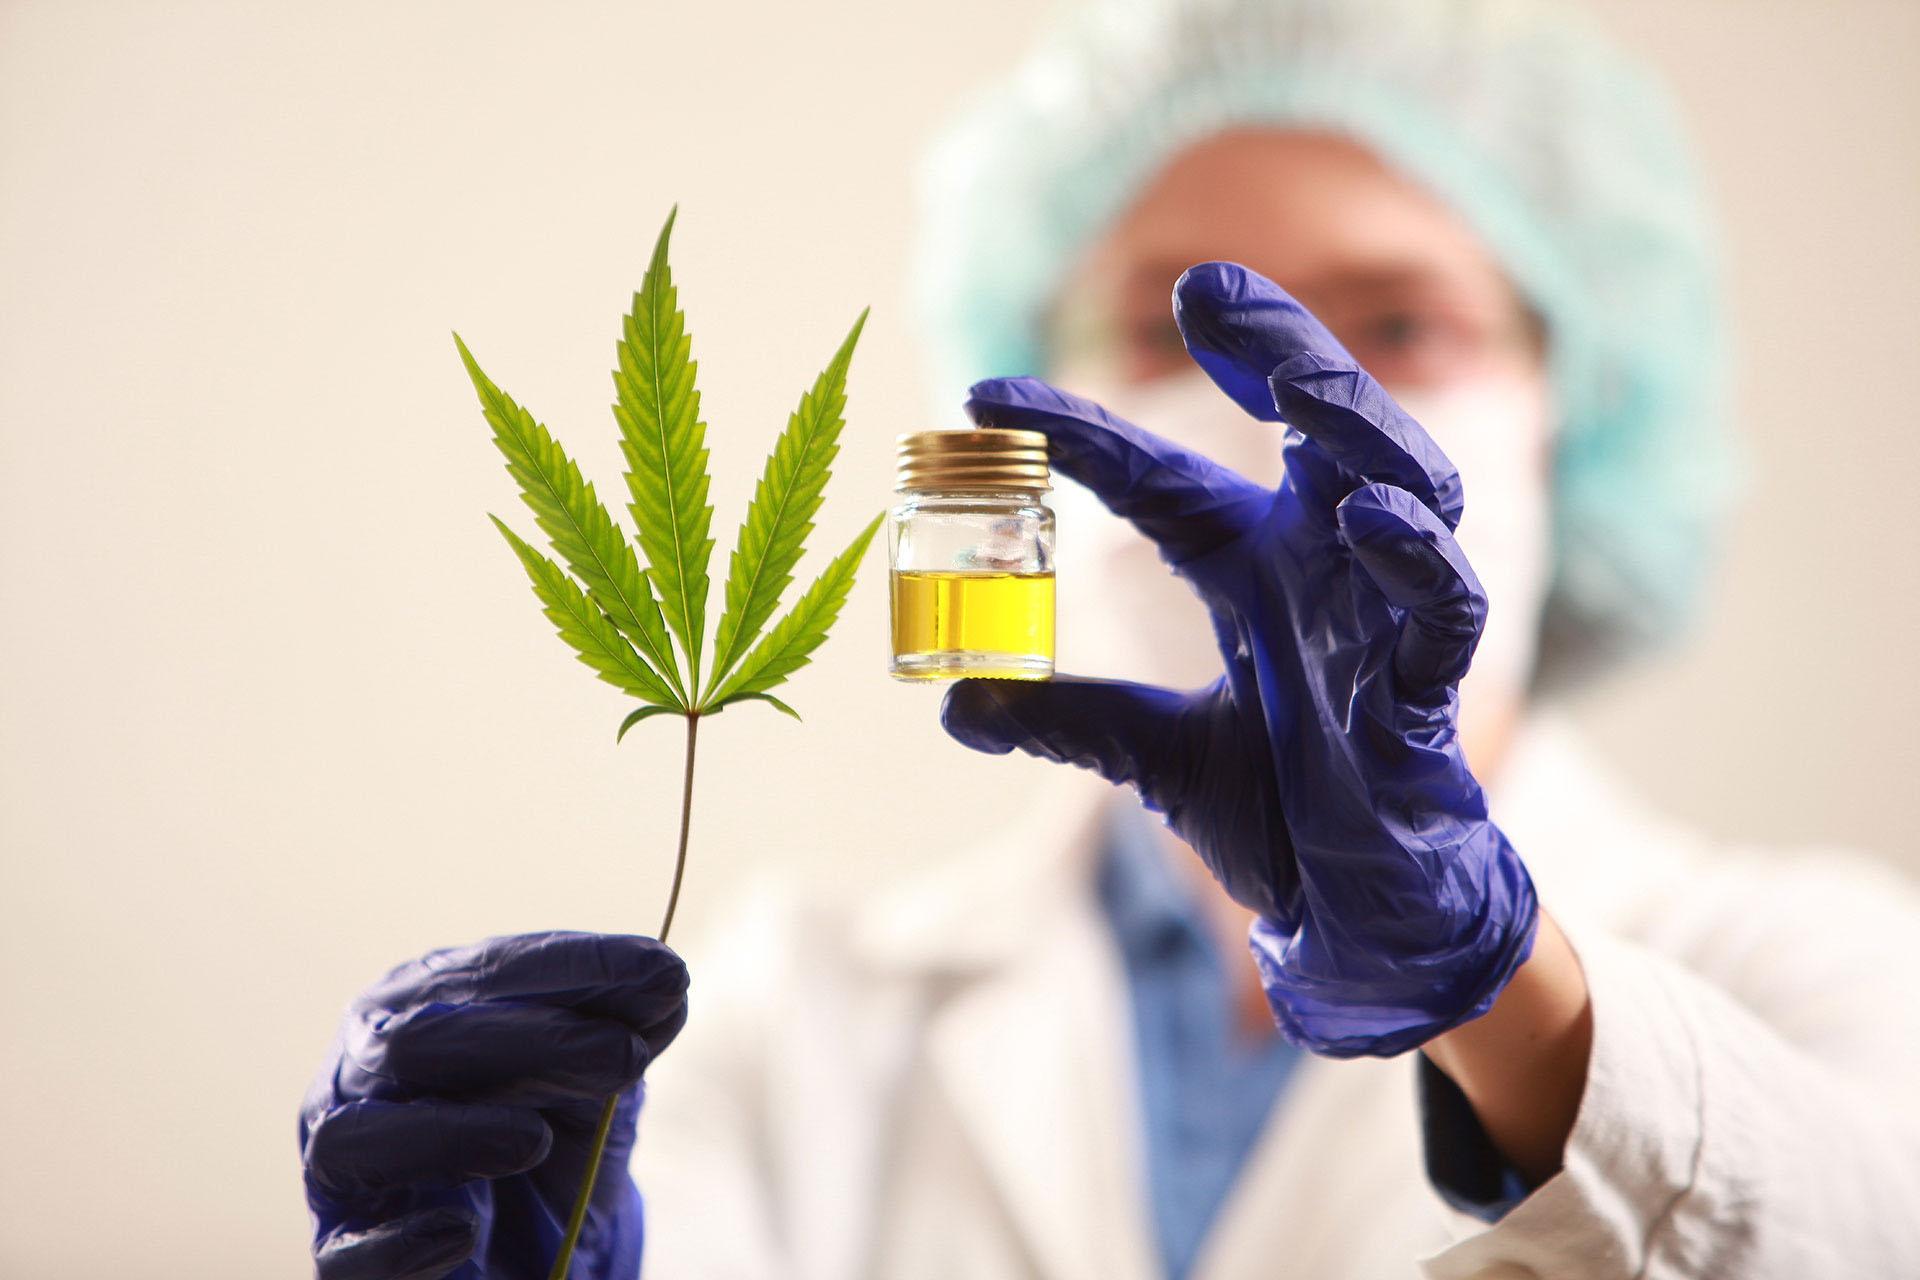 """""""En salud mental el cannabis funciona para múltiples afecciones: autismo, Alzheimer, depresión, ansiedad, esquizofrenia, epilepsias con síntomas psicóticos"""", señala la Dra. Celeste Romero, psiquiatra e investigadora del Centro de Estudios de la Cultura Cannábica."""